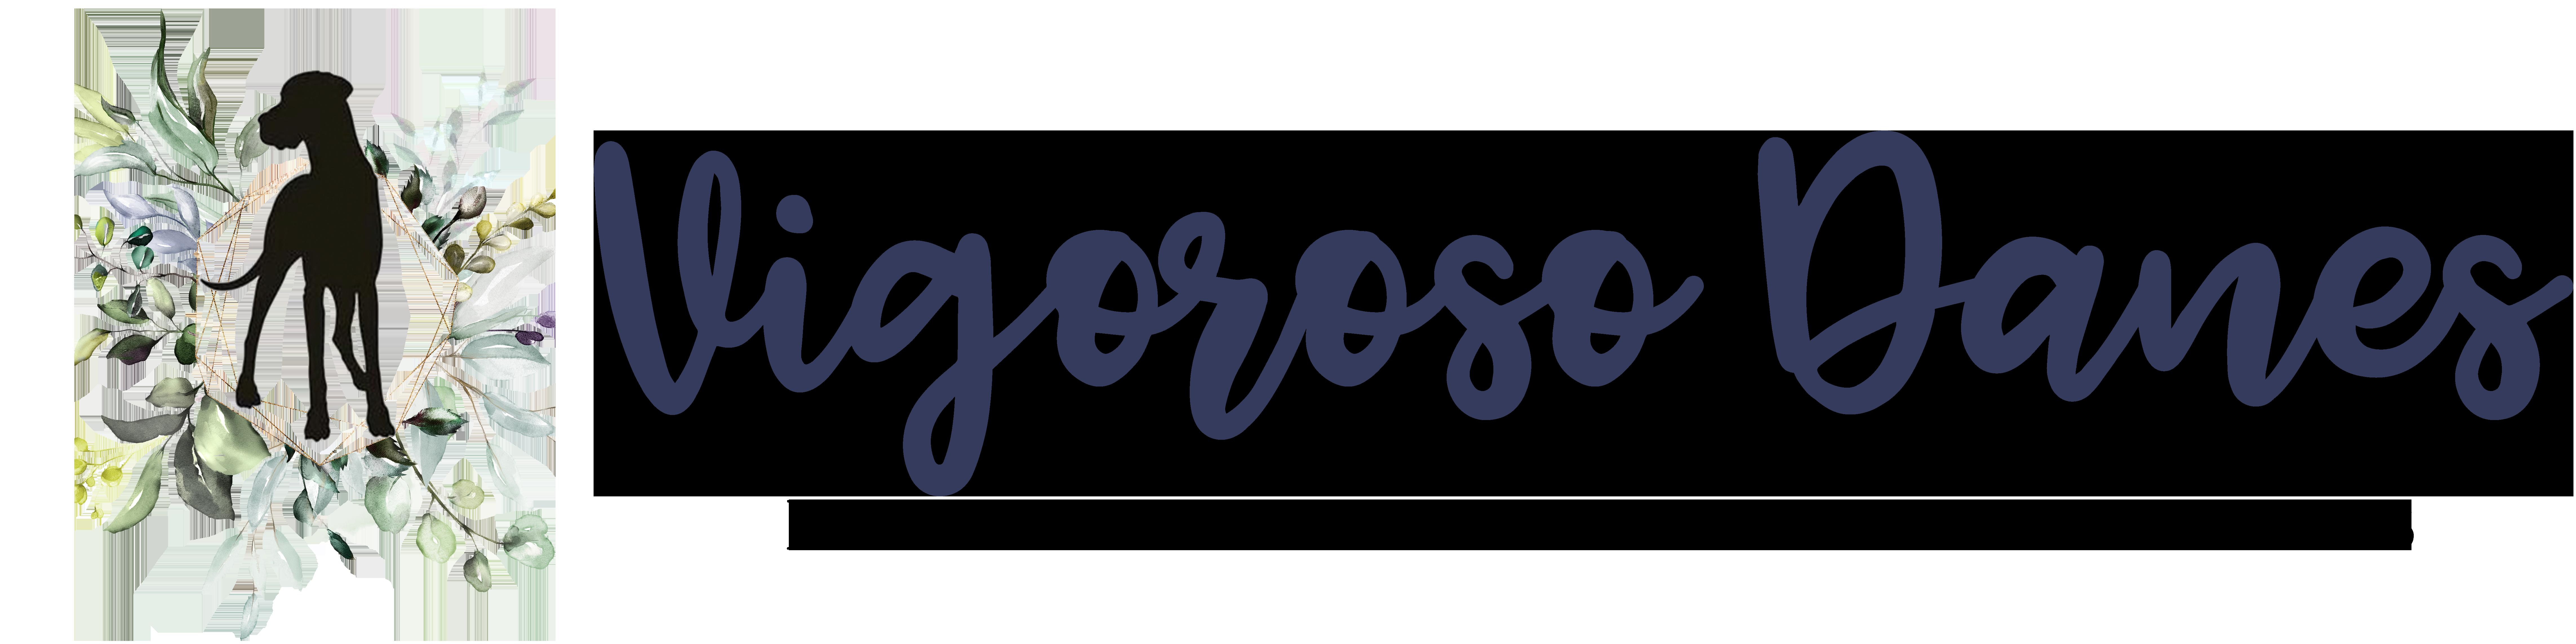 vigoroso danes logo